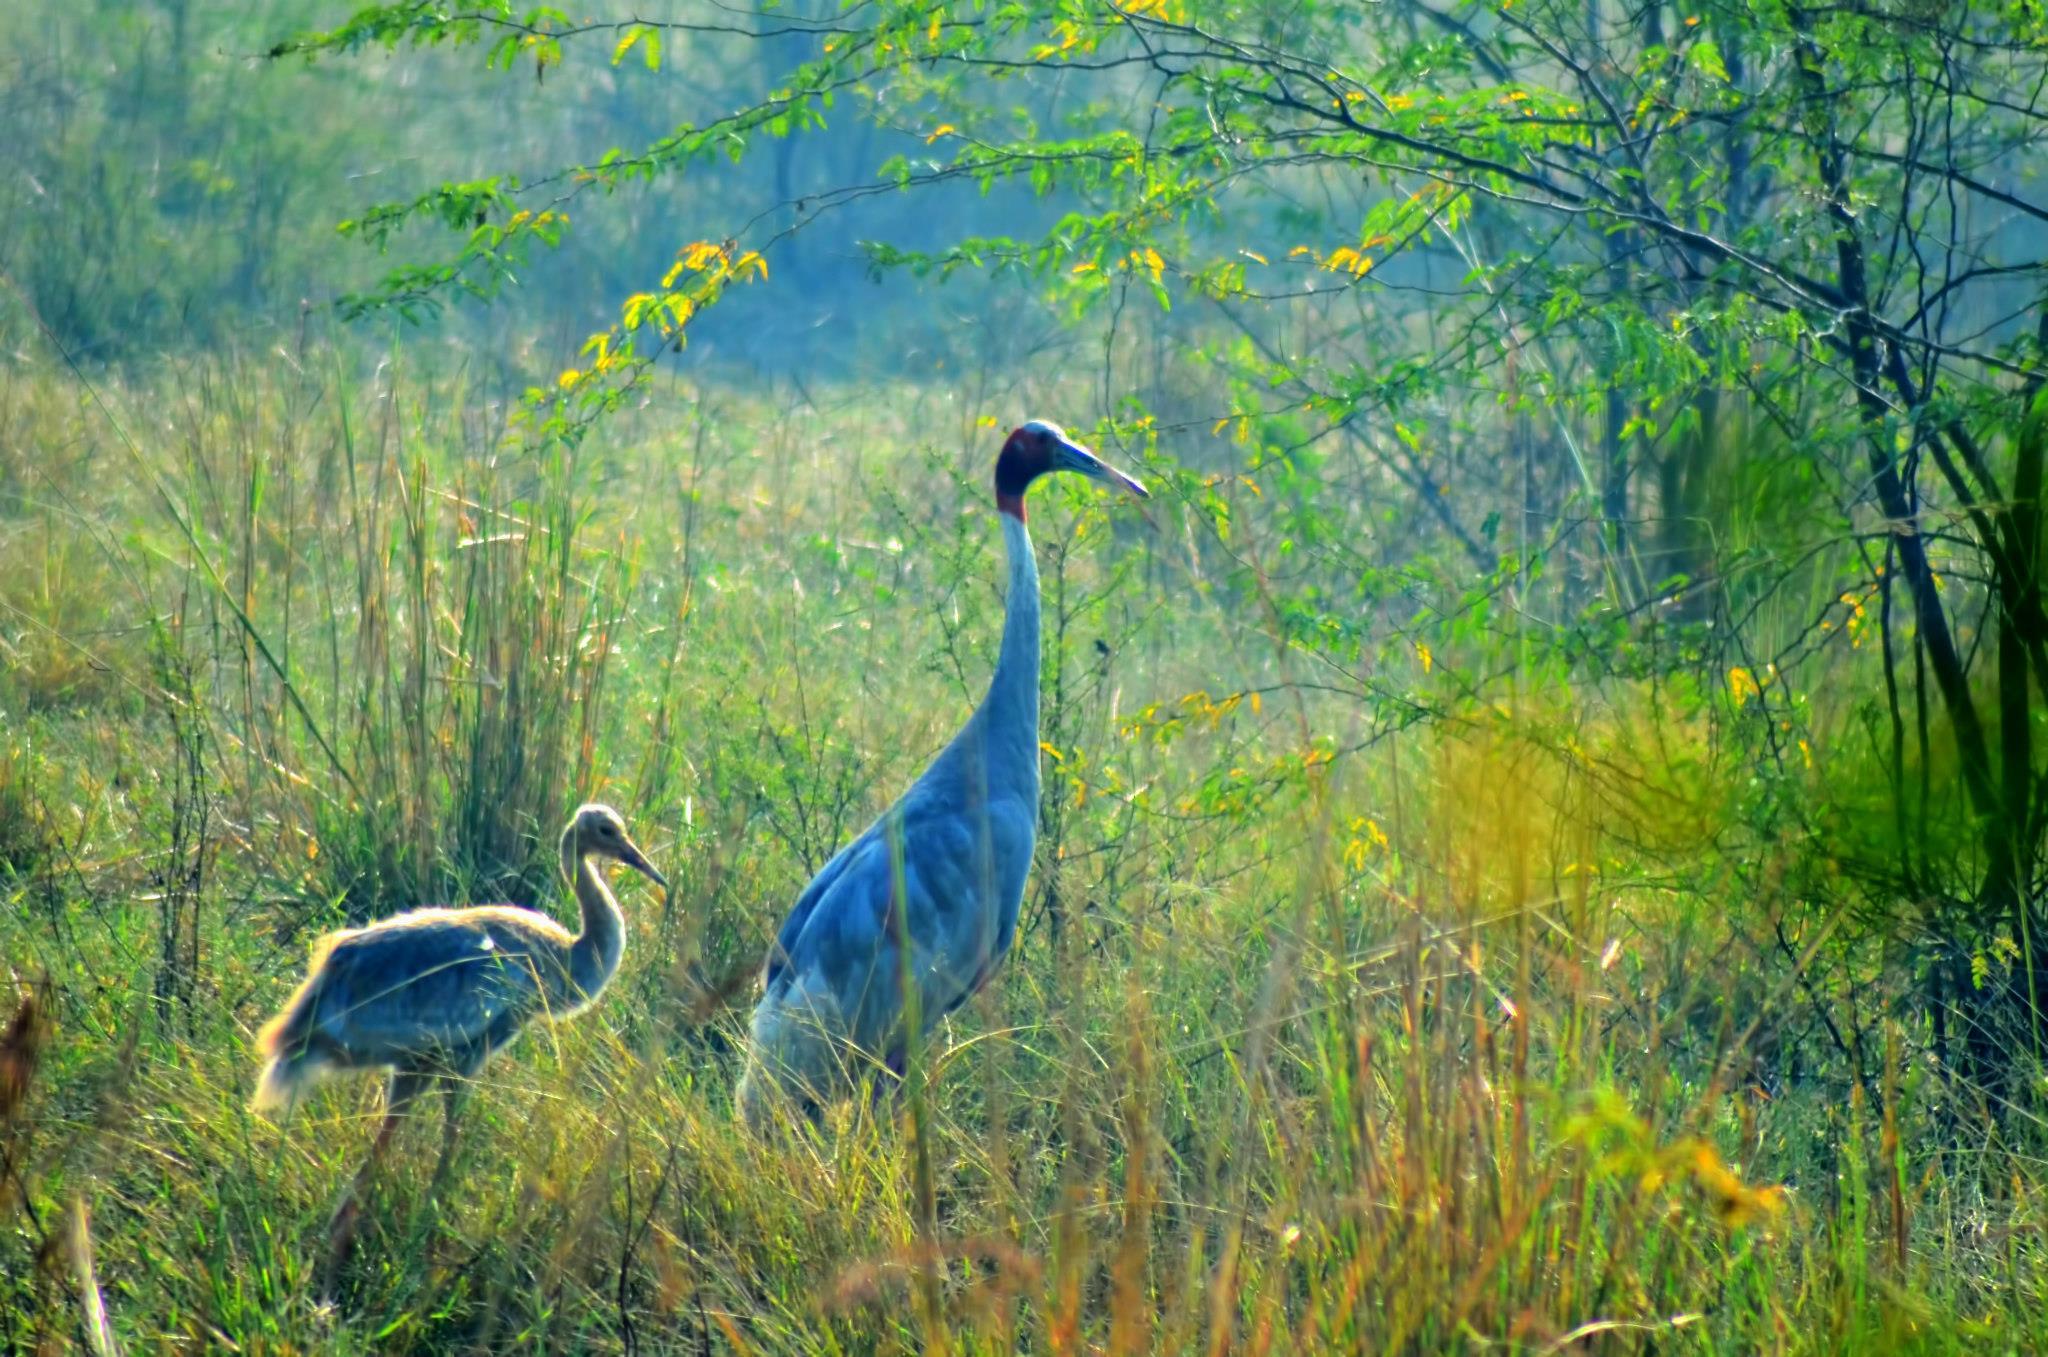 wildlife at Bharatpur wildlife sanctuary